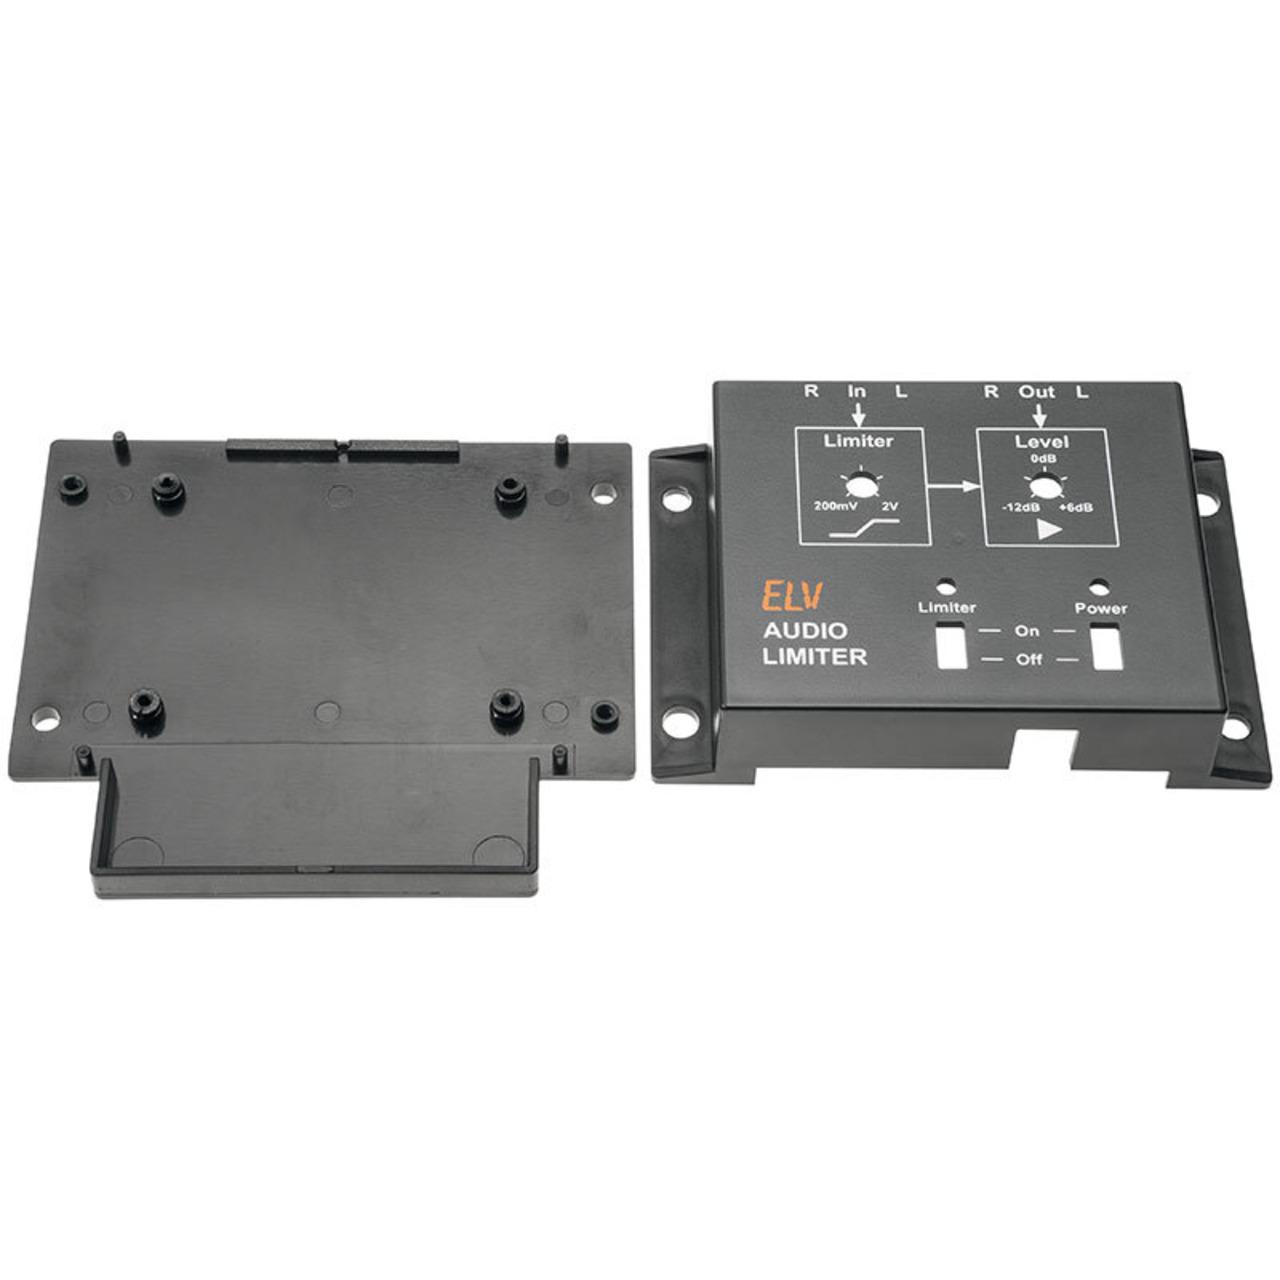 ELV Komplettbausatz Audio-Limiter AL100 (ohne Gehäuse)